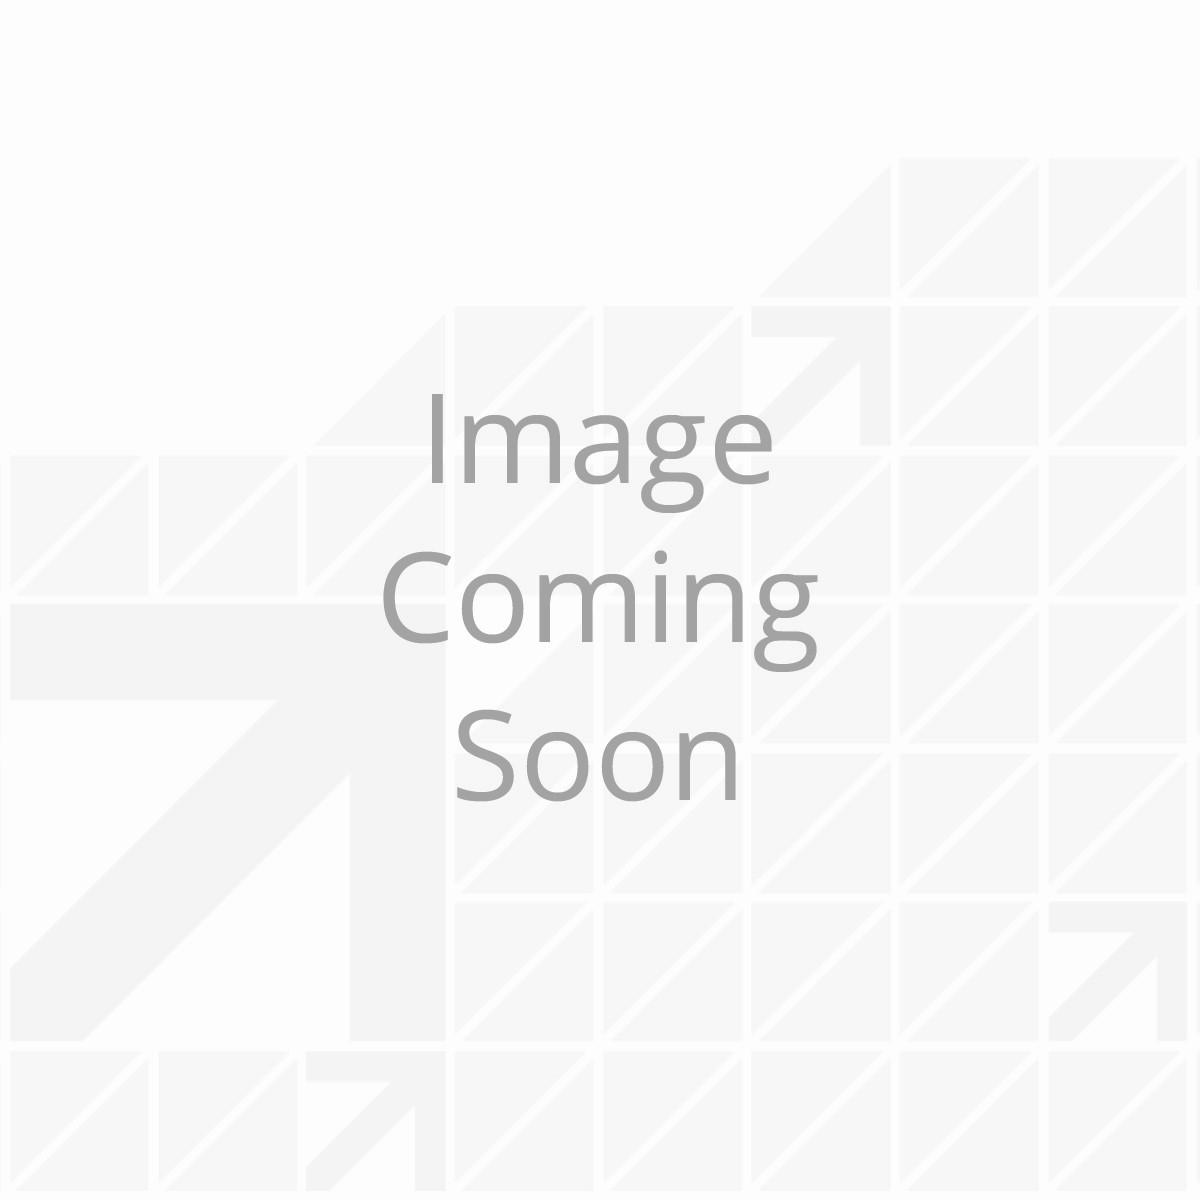 1021 Low VOC Self-Leveling Lap Sealant - Various Colors (10.3 Oz. Tube)